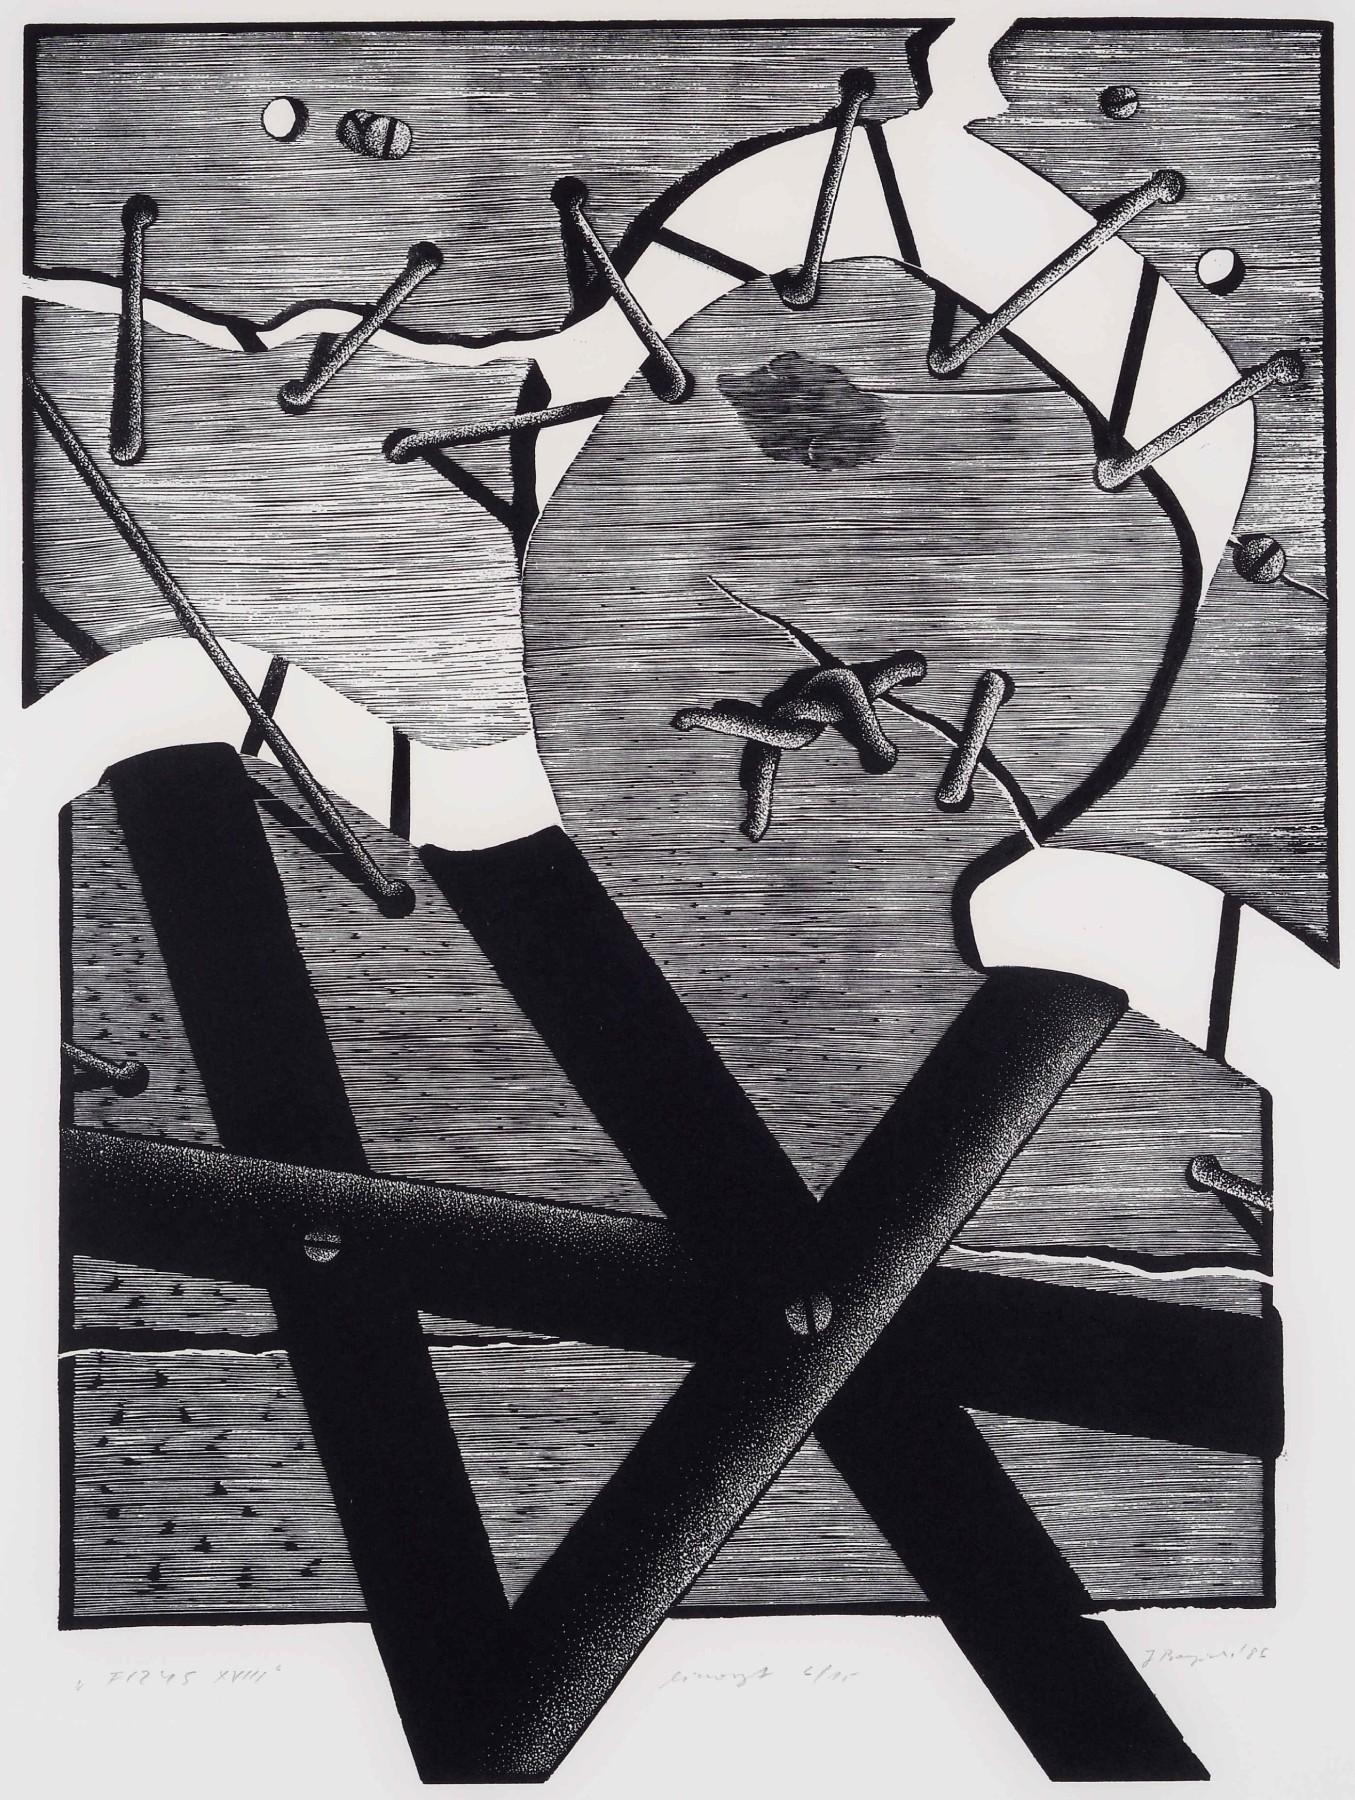 Fizys XVIII, 1986